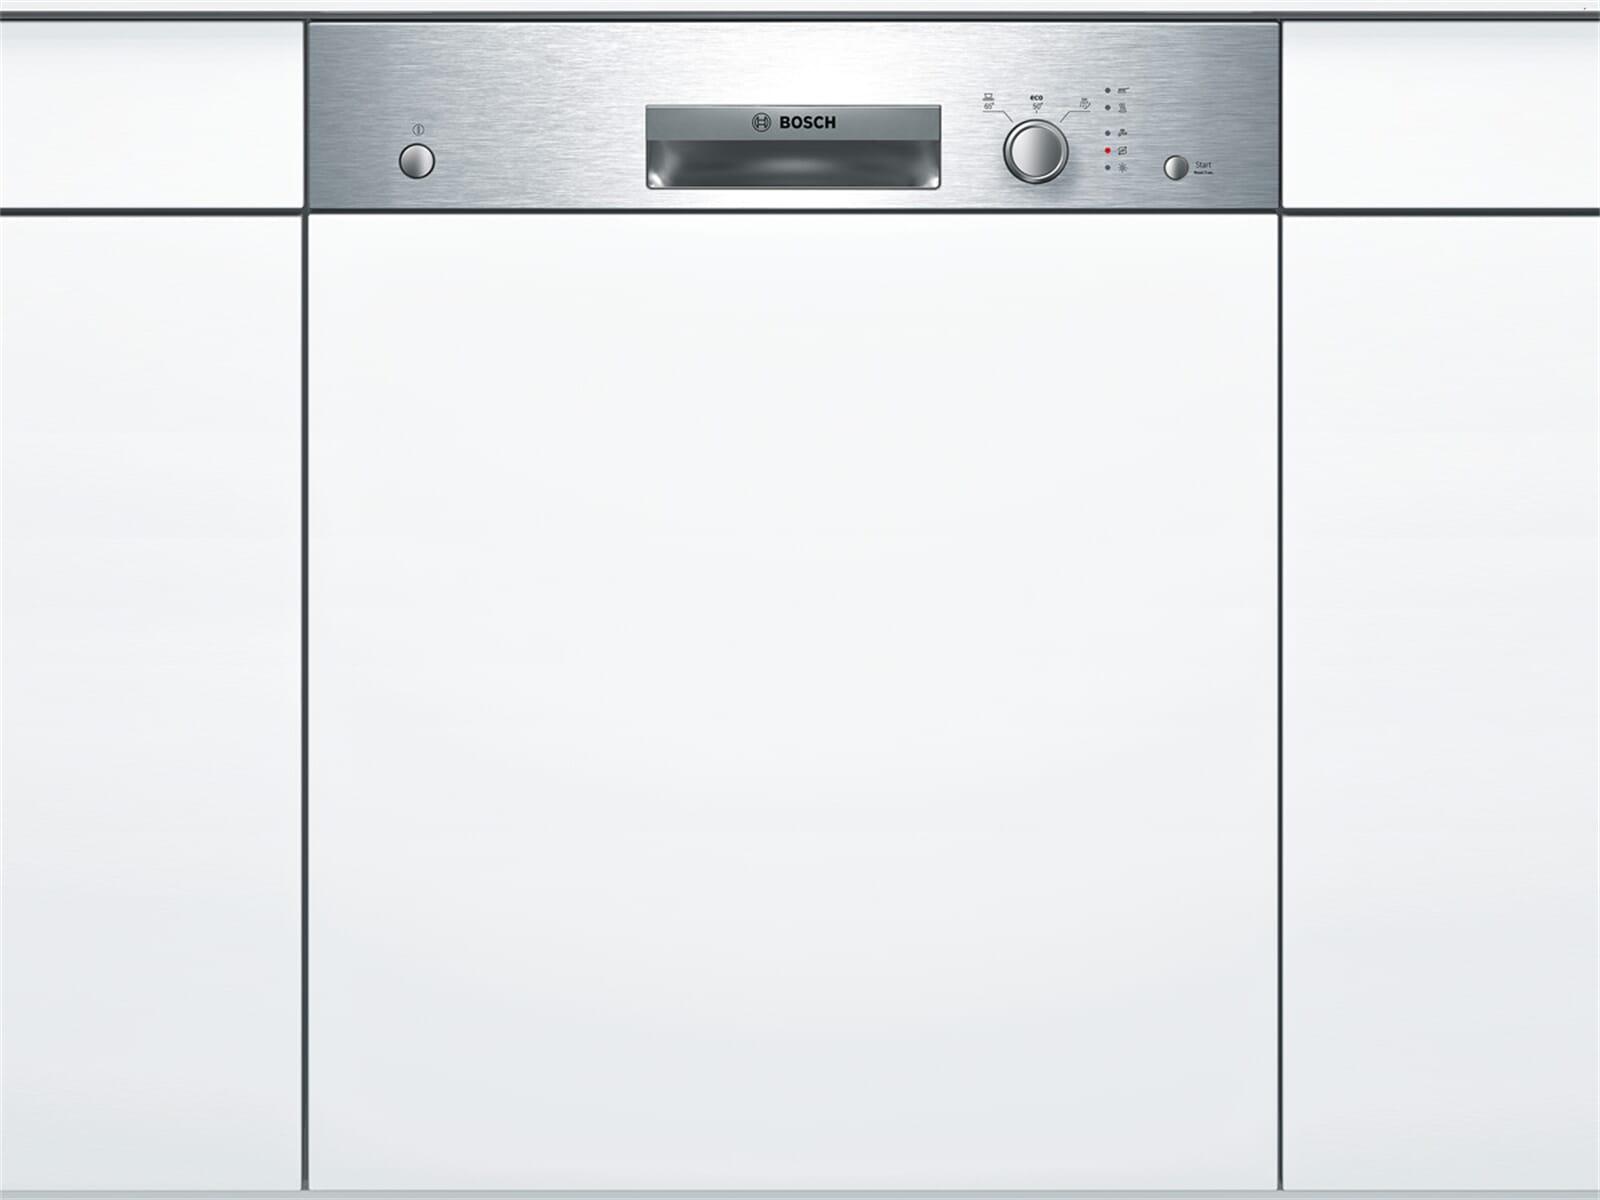 Bosch smi30d05eu einbau spulmaschine teilintegriert 60 cm for Geschirrspüler teilintegriert 60 cm